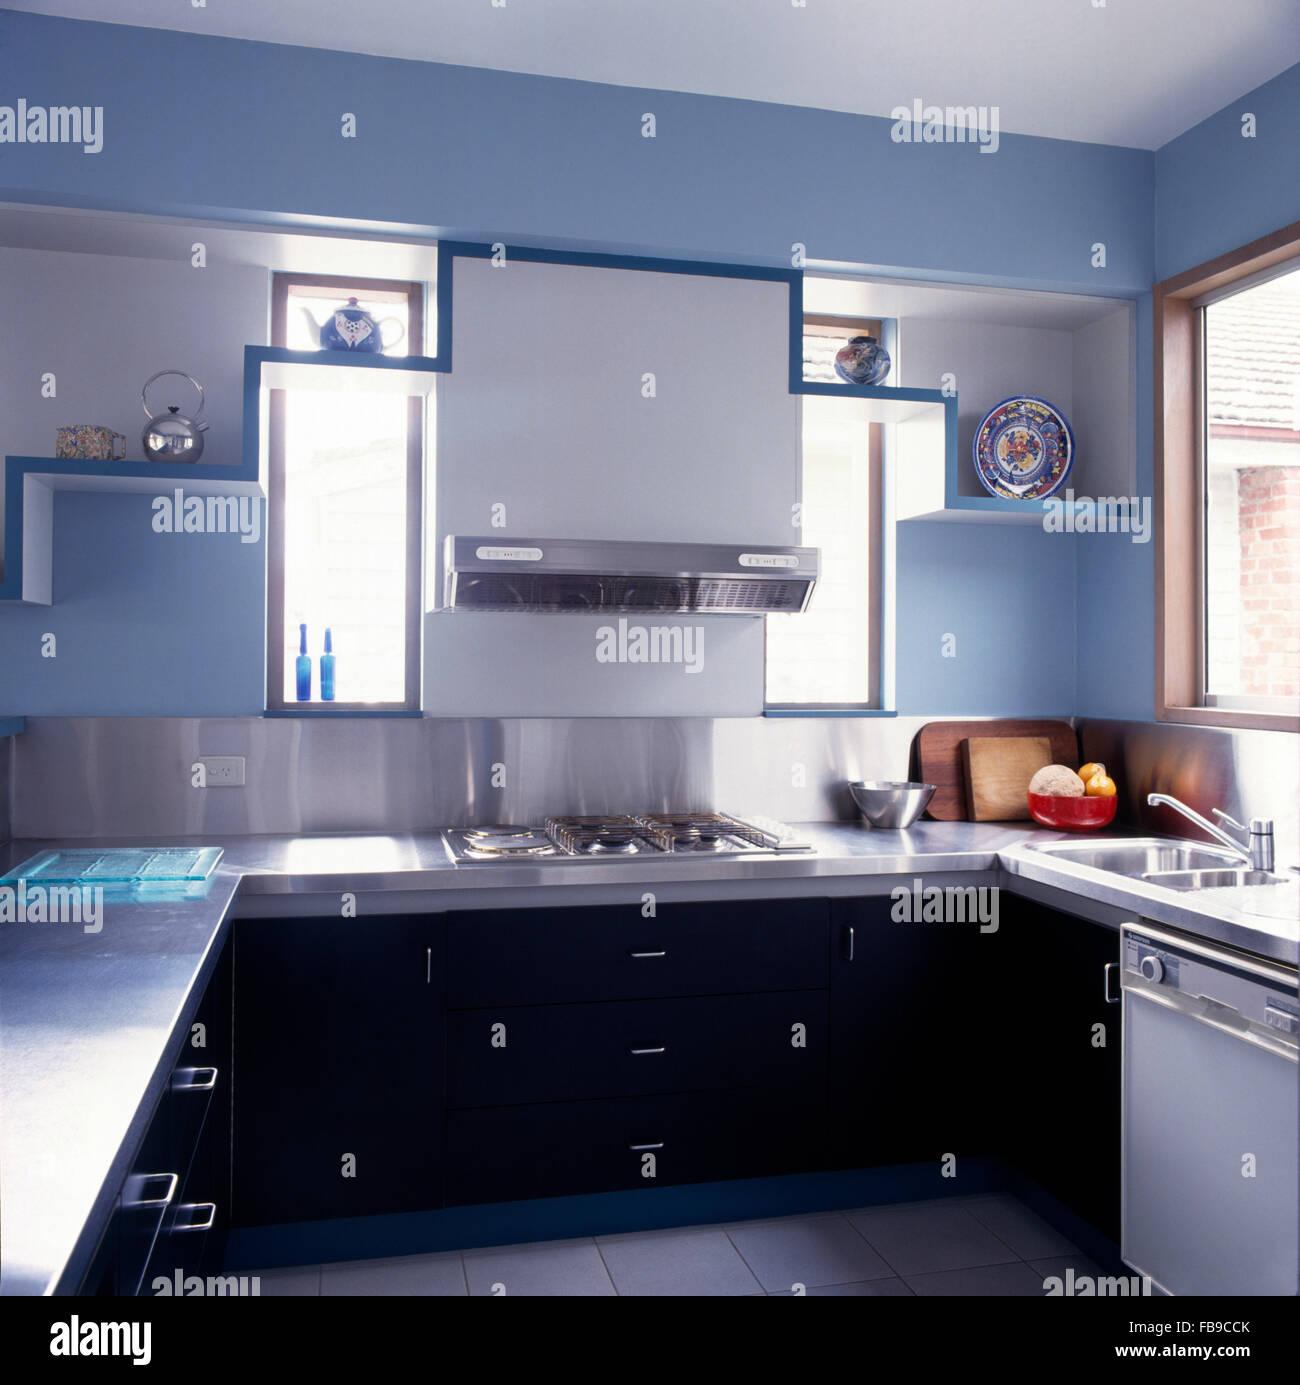 moderne abzugshaube best glnzen durch fllt kaum auf moderne with moderne abzugshaube amazing. Black Bedroom Furniture Sets. Home Design Ideas